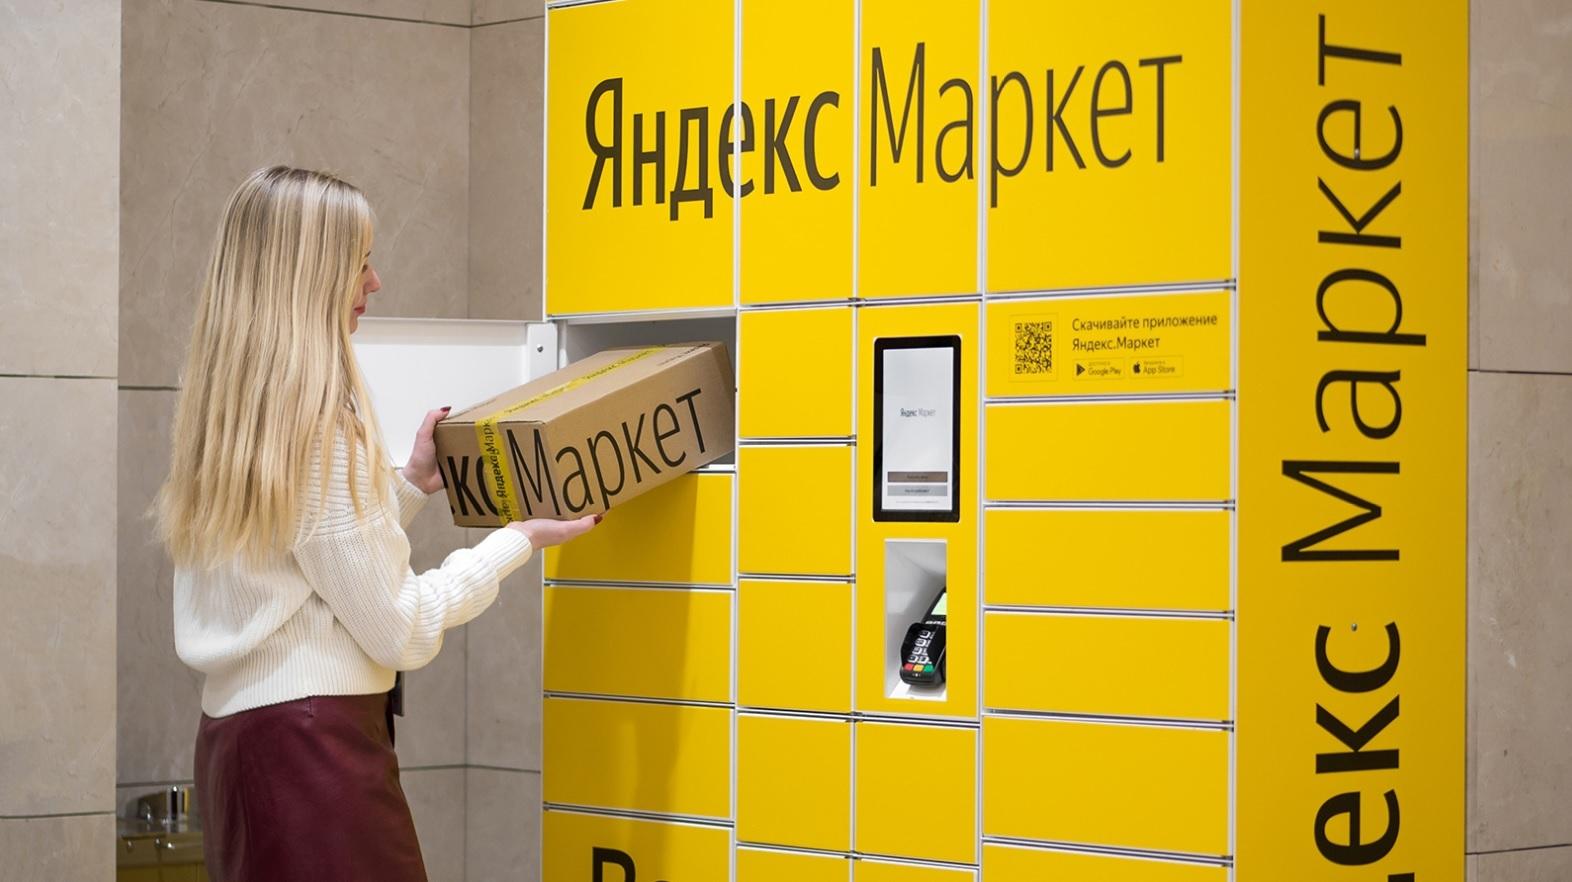 Яндекс.Маркет начал доставлять смартфоны за пару часов